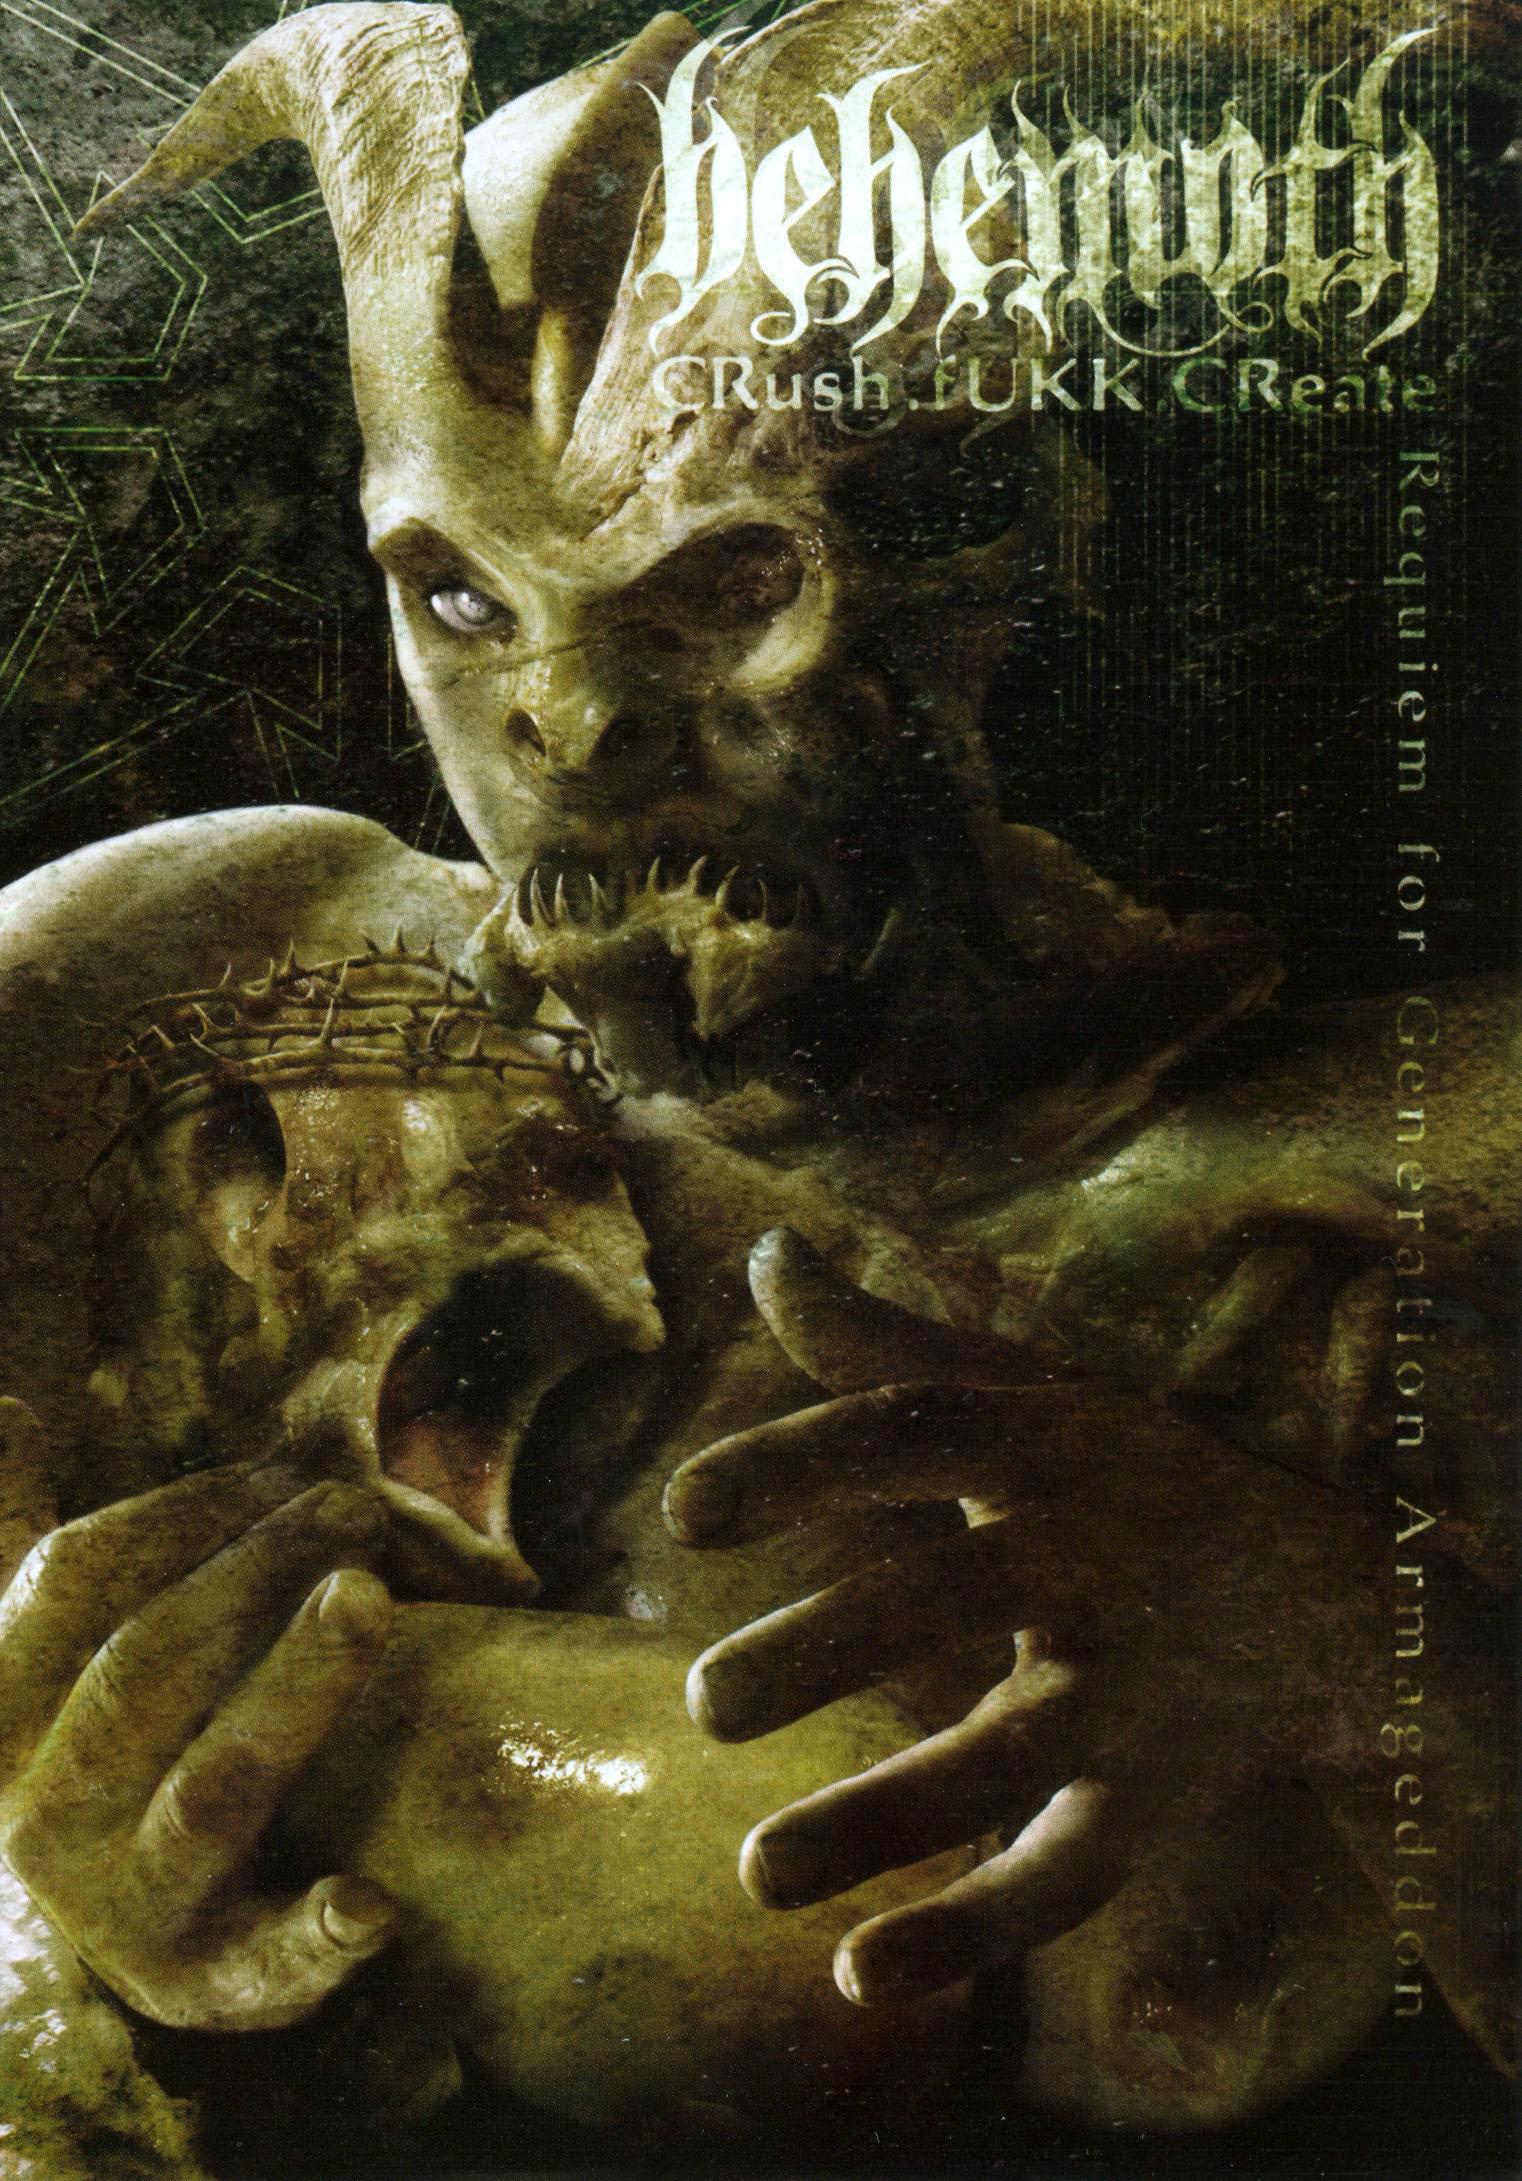 Behemoth: Crush, Fukk, Create